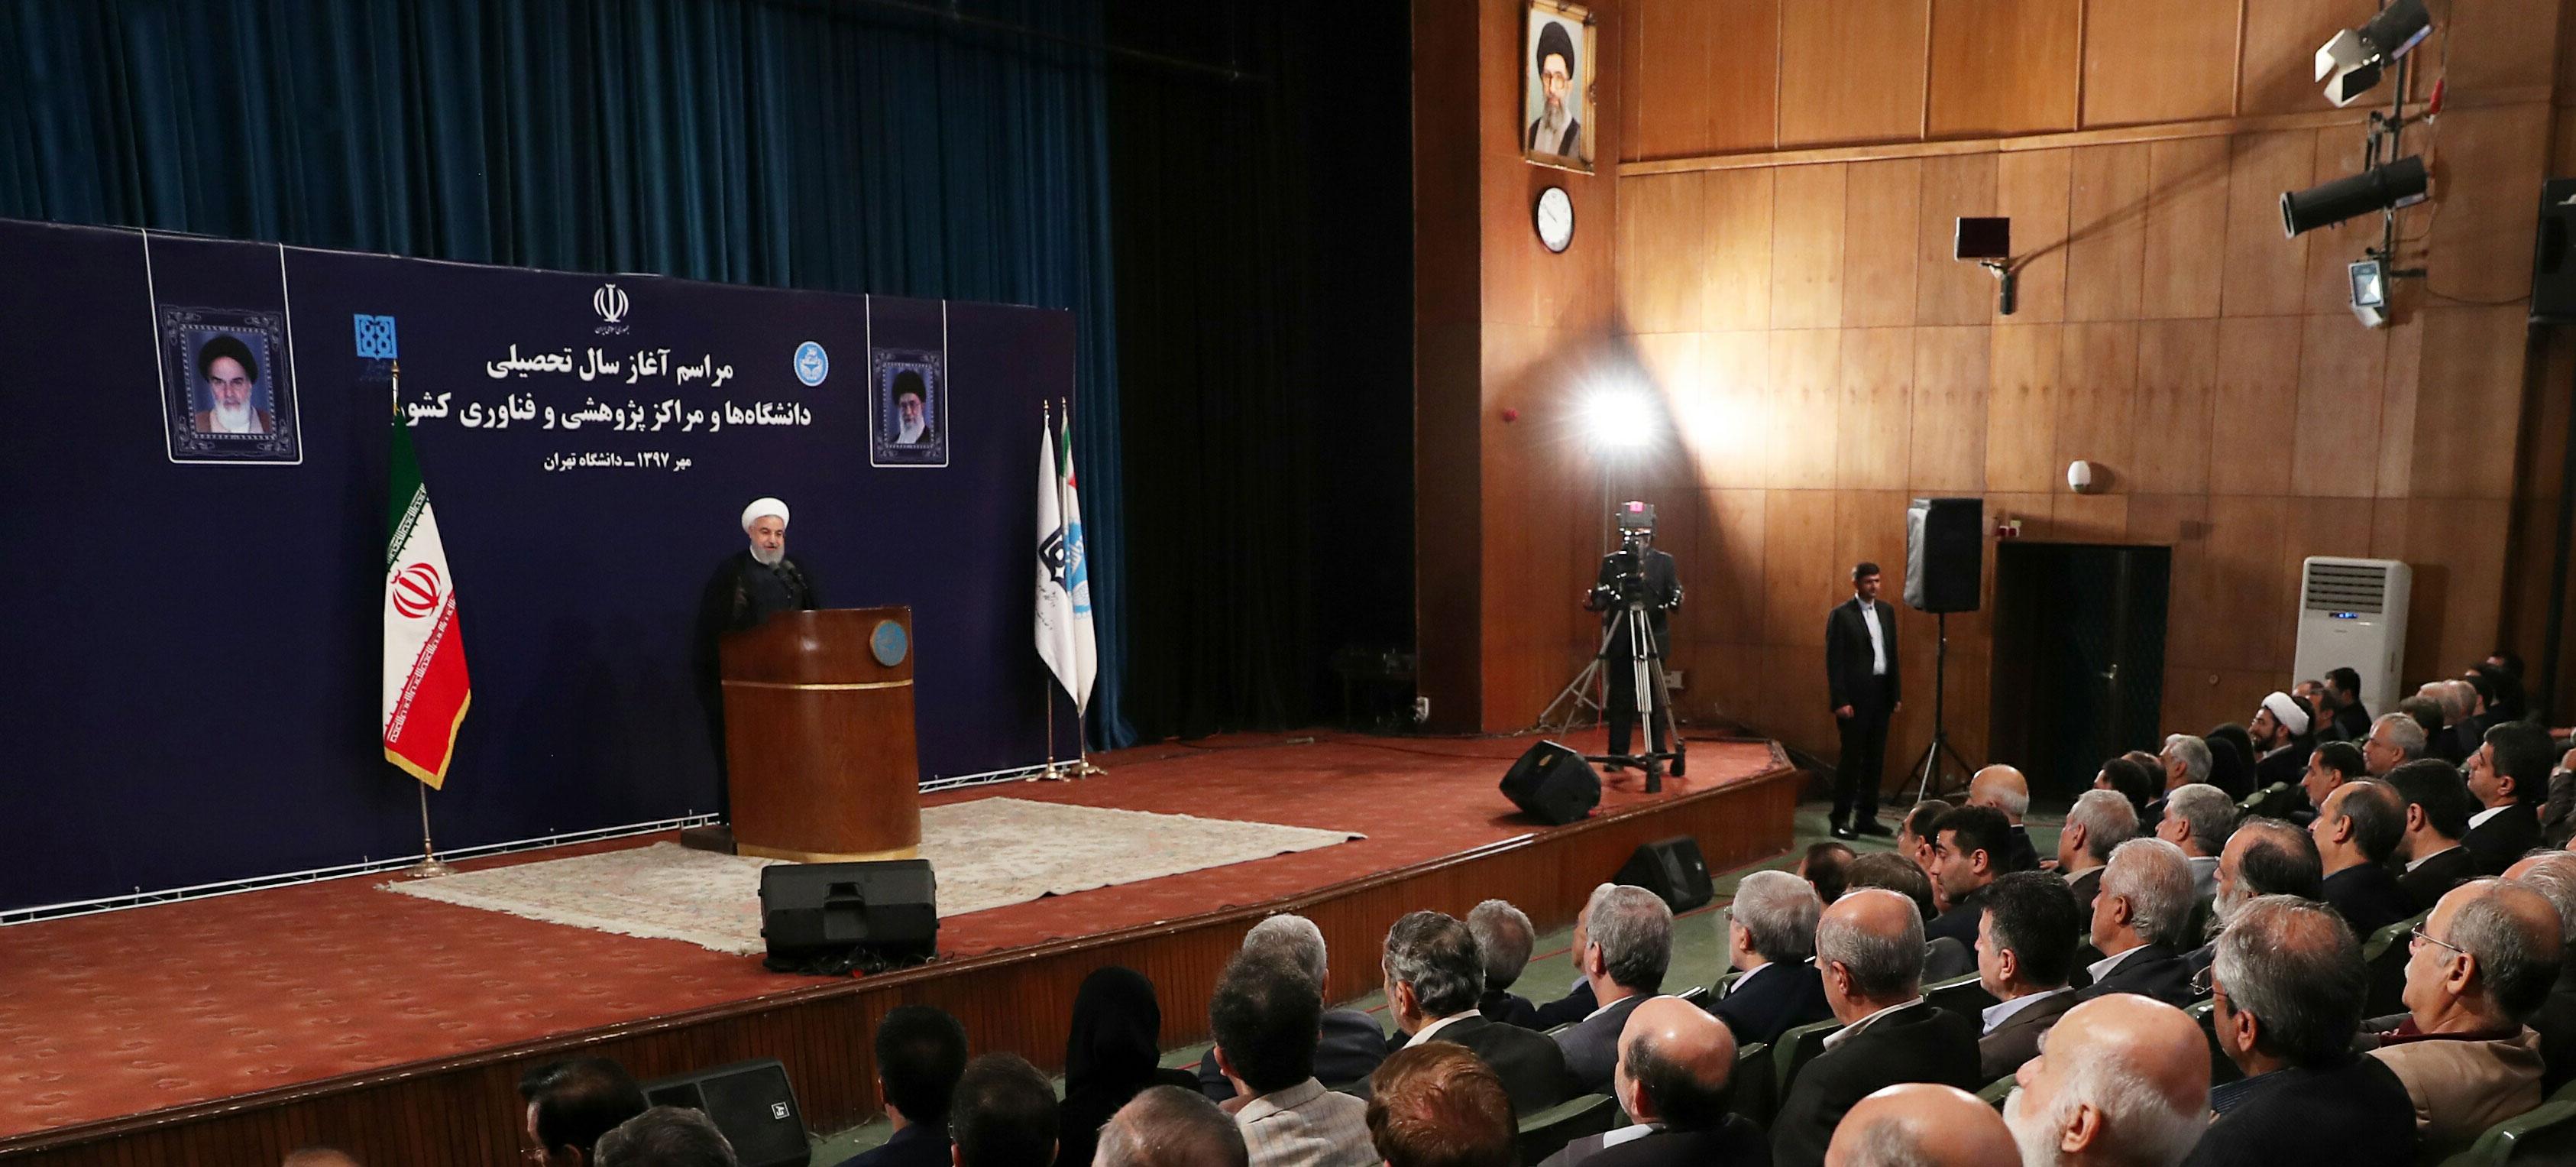 روحانی: دانشگاهها دولت را نقد کنند / به محض انتخاب دولت در سال 92، قیمت دلار کاهش یافت